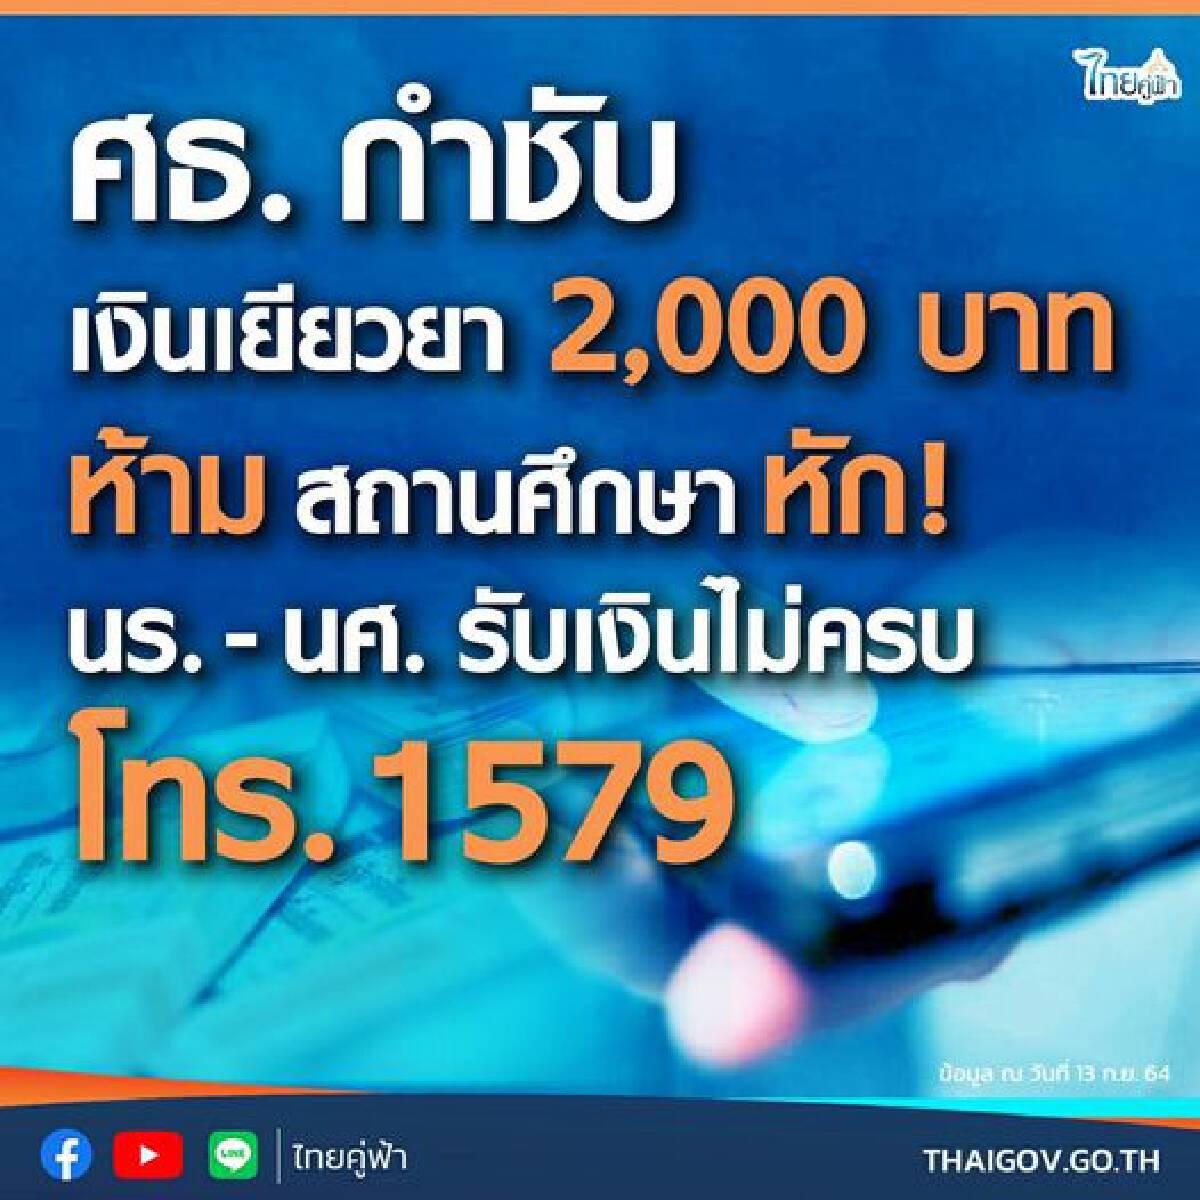 เงินเยียวยานักเรียน 2,000 บาท ใครรับไม่ครบโทร 1579